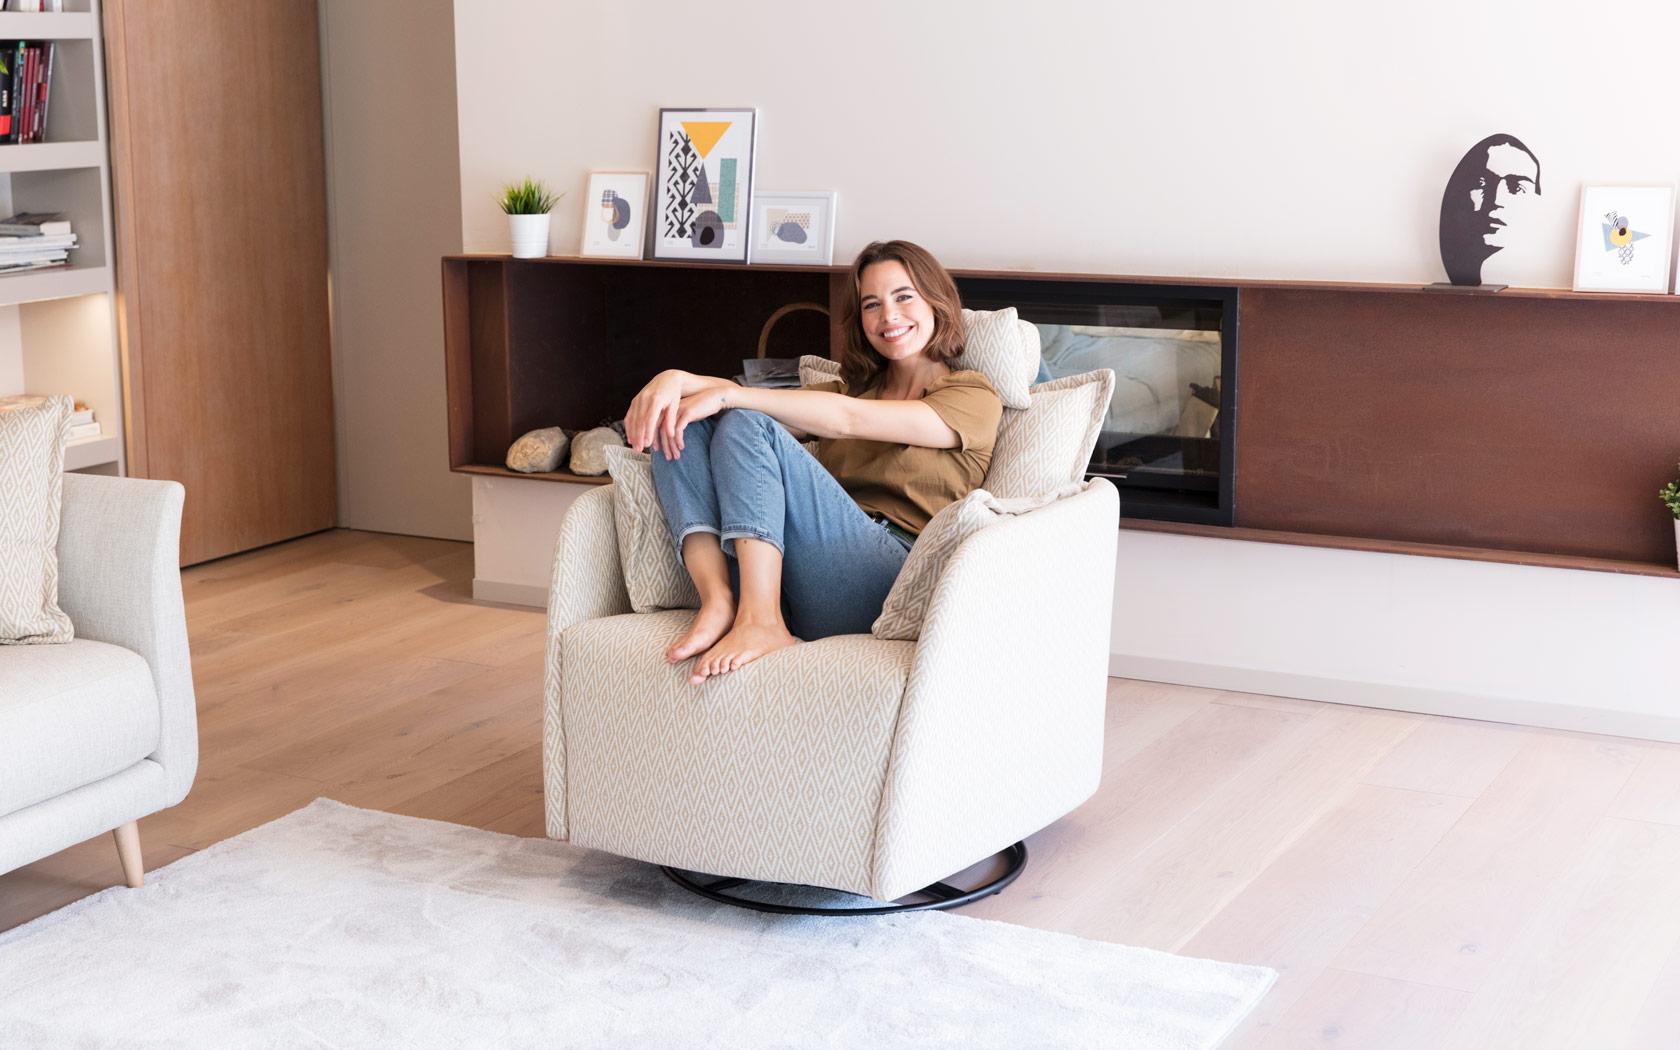 Nadia sillón relax 2020 06